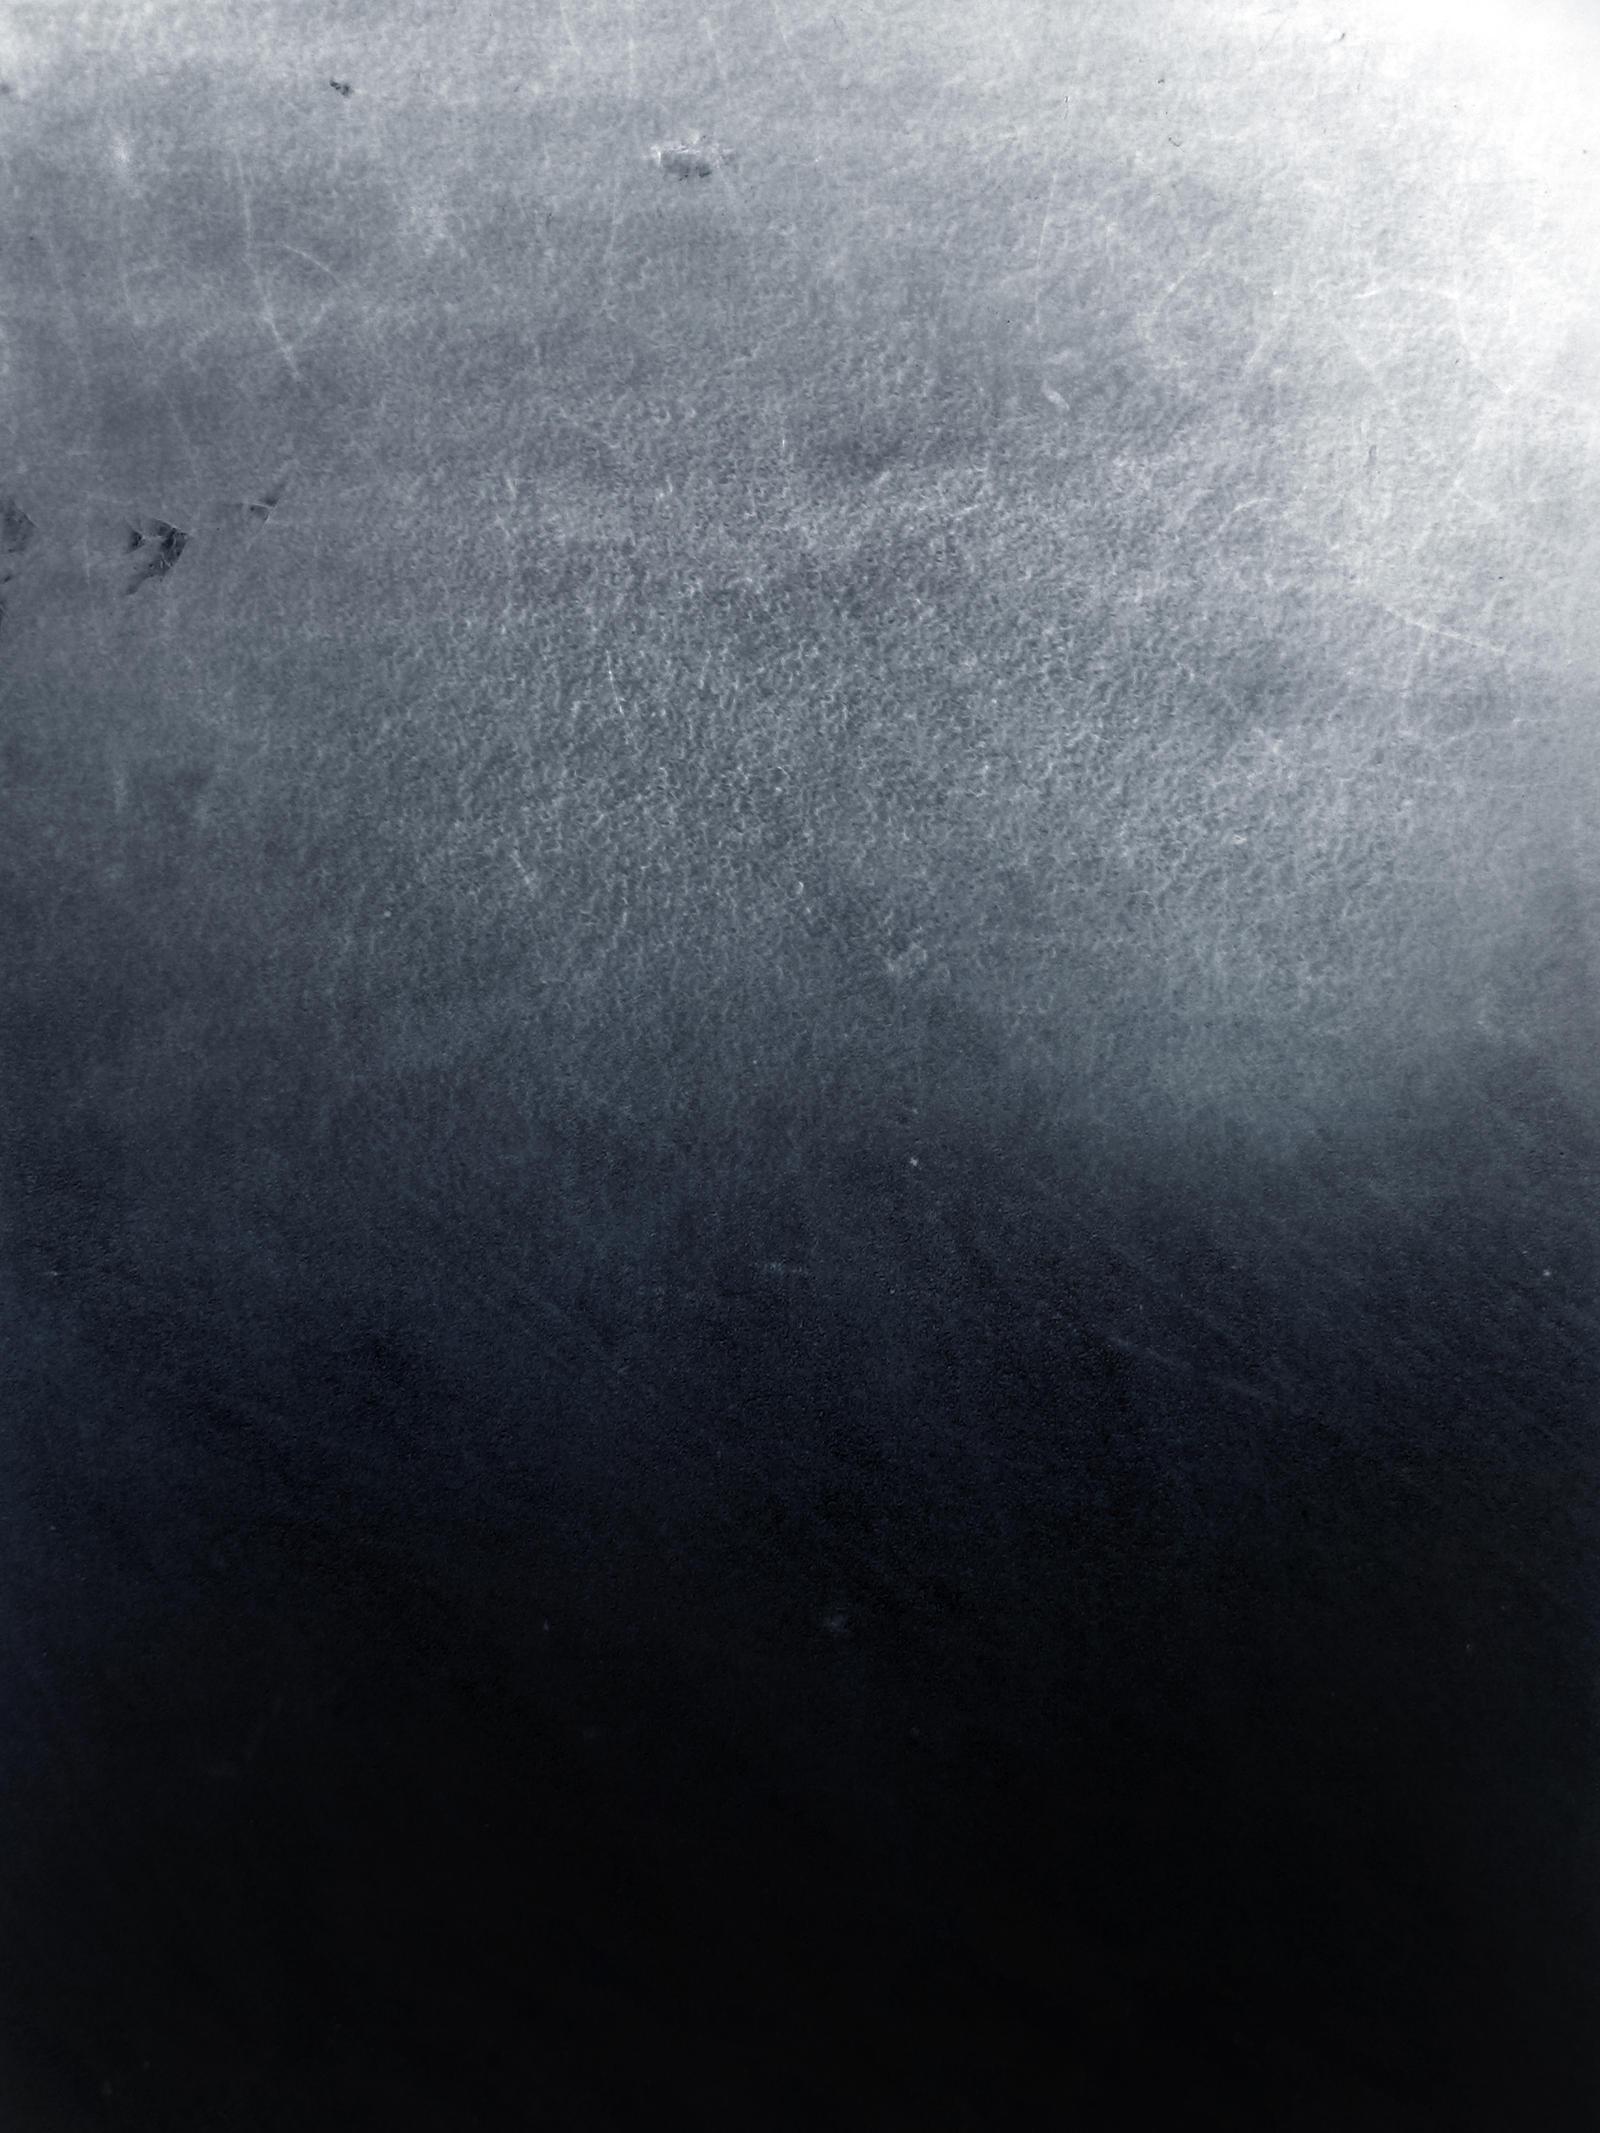 Texture 78 by Sirius-sdz